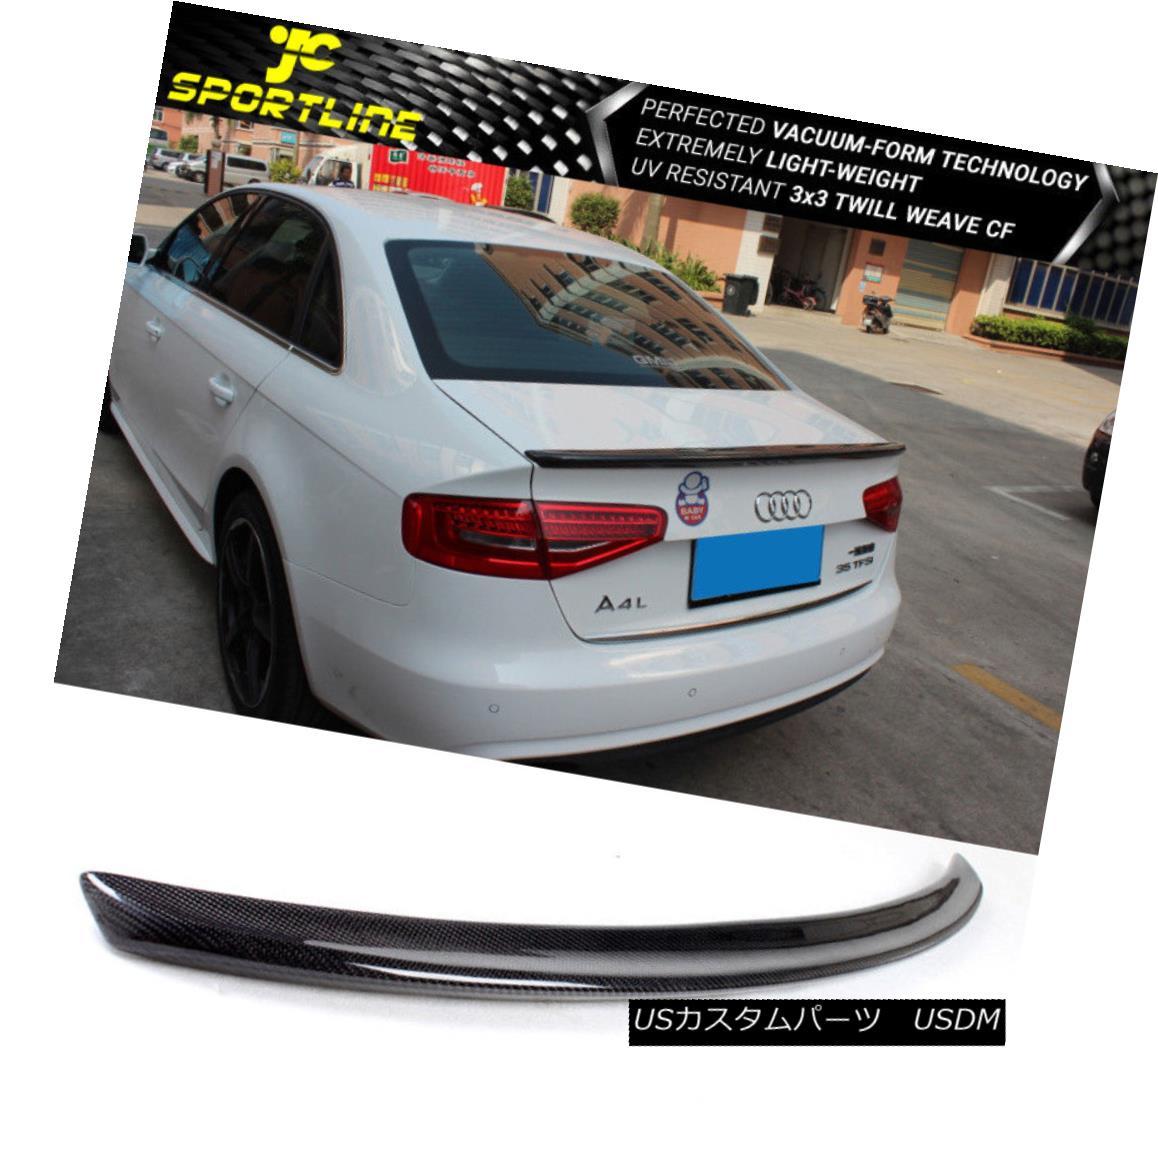 エアロパーツ Fits 09-16 Audi A4/ A4 Quattro / S4 Trunk Spoiler Carbon Fiber フィット09-16アウディA4 / A4クワトロ/ S4トランクスポイラー炭素繊維